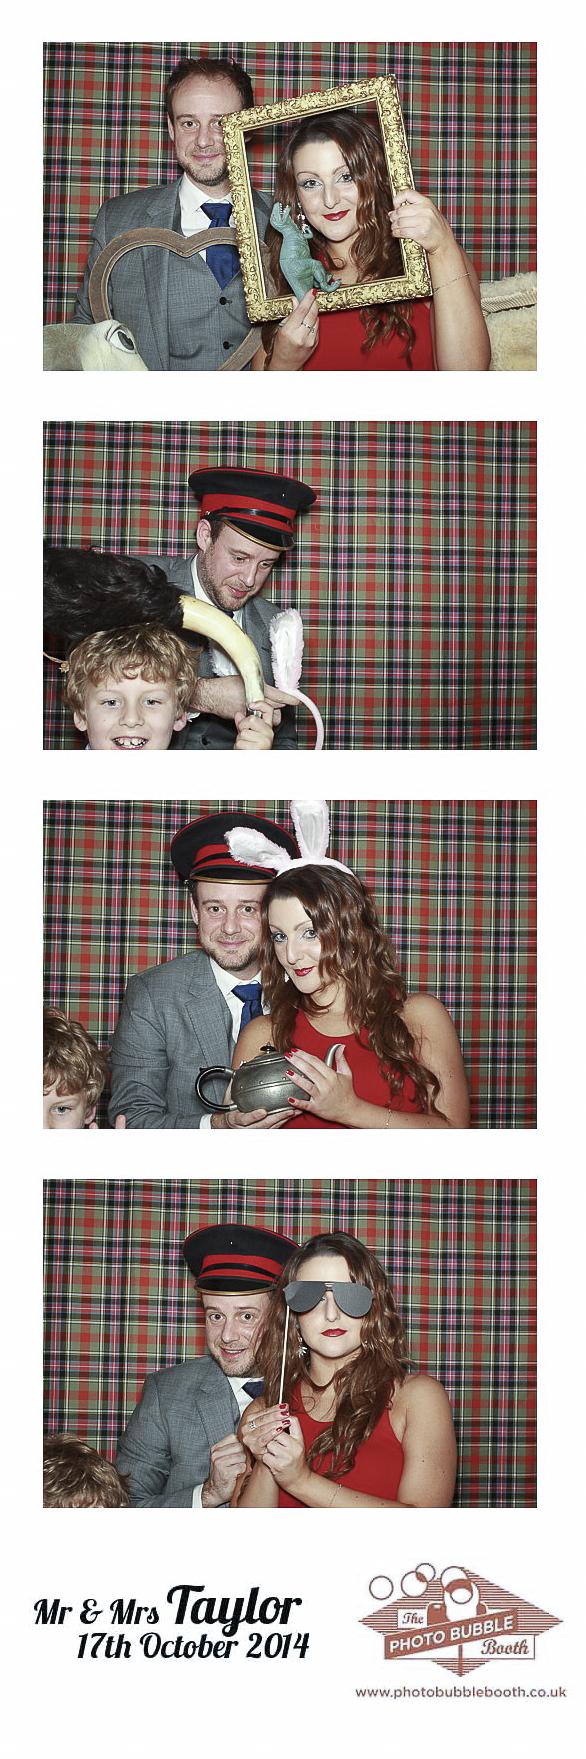 Mr & Mrs Taylor 17th October _6.jpg